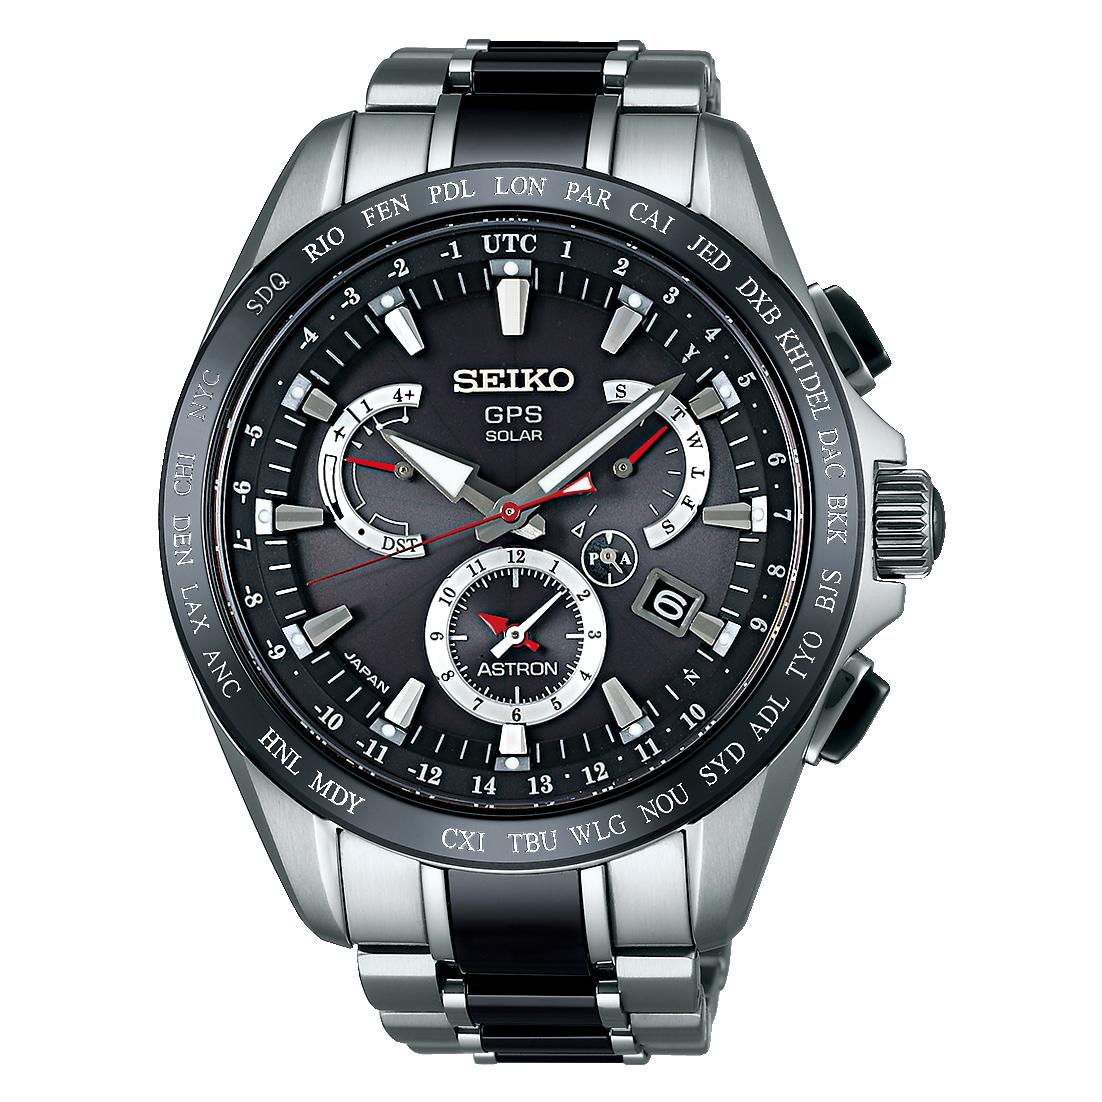 SEIKO ASTRON/セイコー アストロン SBXB041 8X Series Dual-Time デュアルタイム 8X53 Titanium Models チタニウムモデル